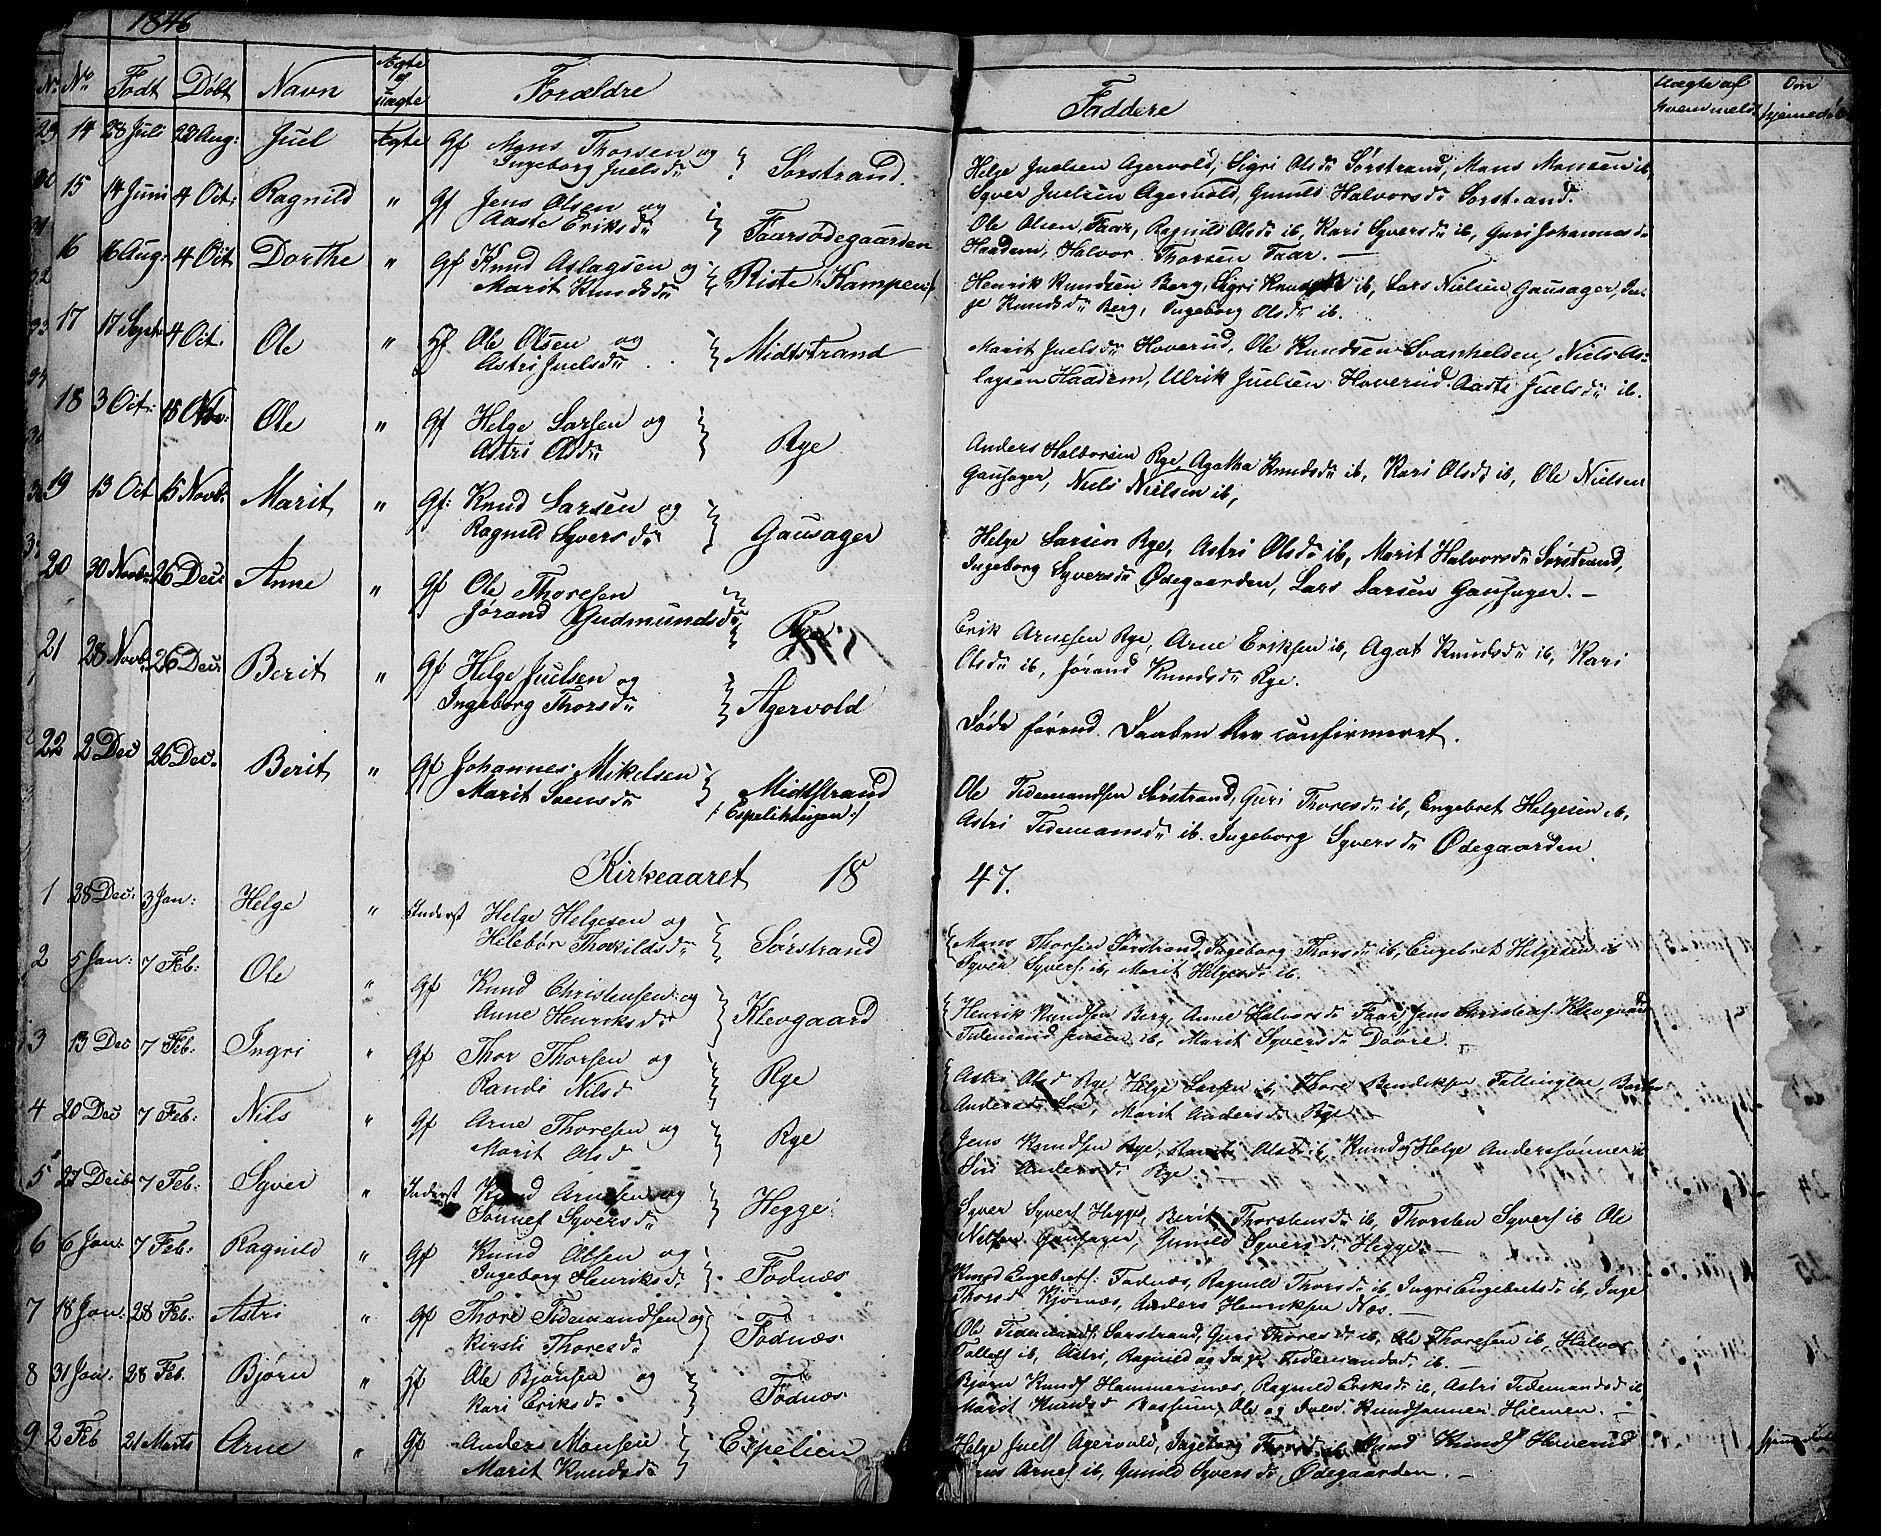 SAH, Nord-Aurdal prestekontor, Klokkerbok nr. 3, 1842-1882, s. 8b